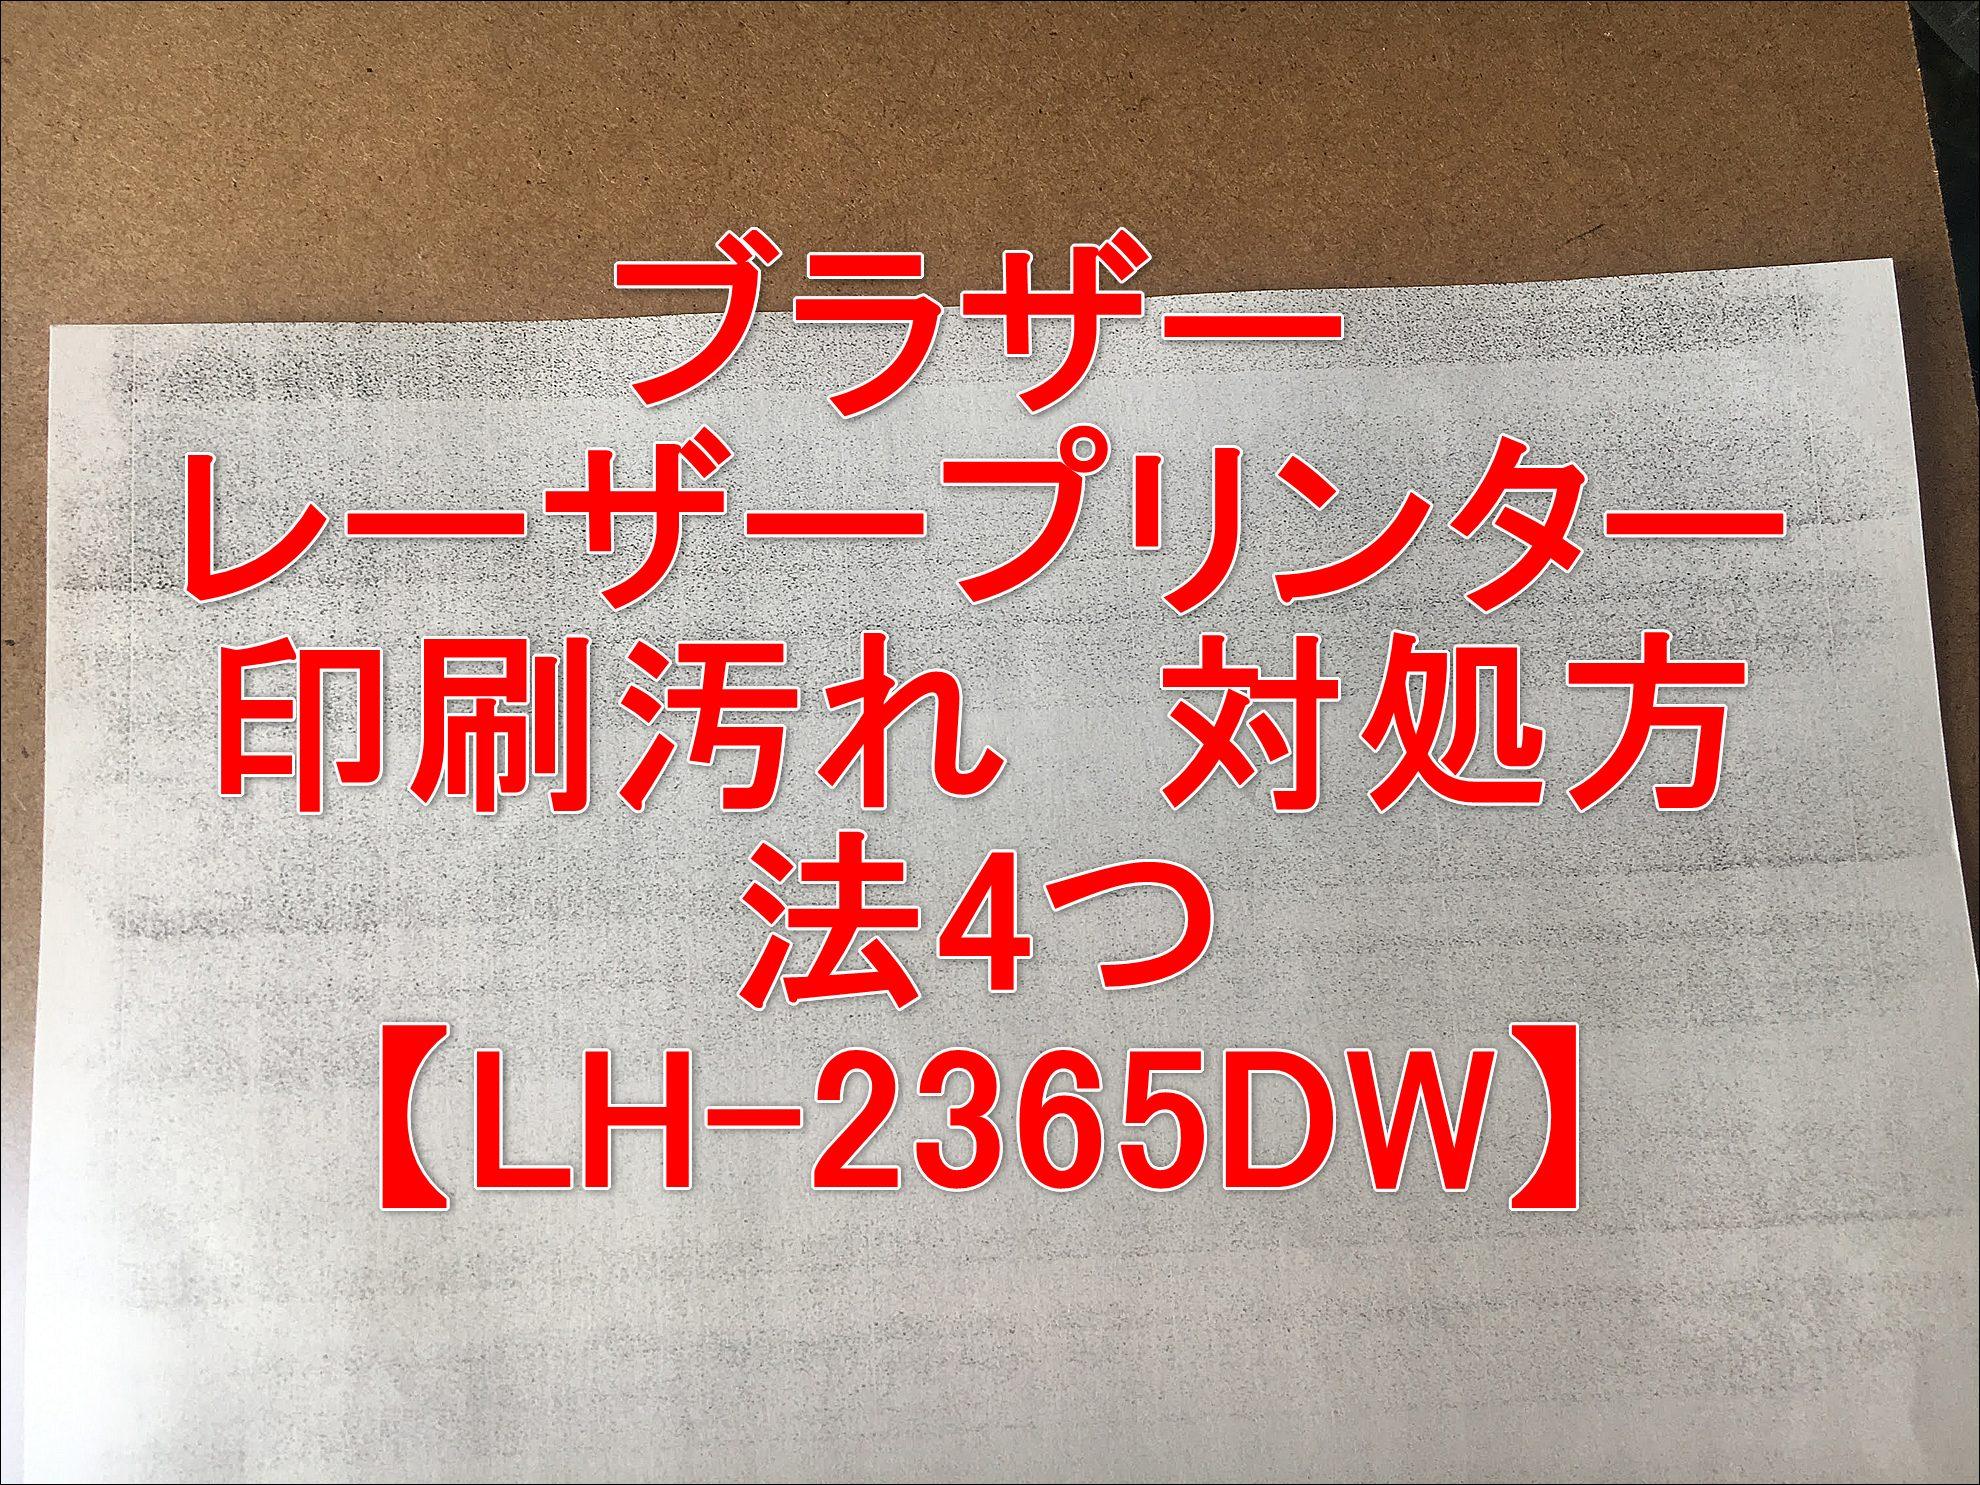 ブラザー印刷汚れ 2365DW